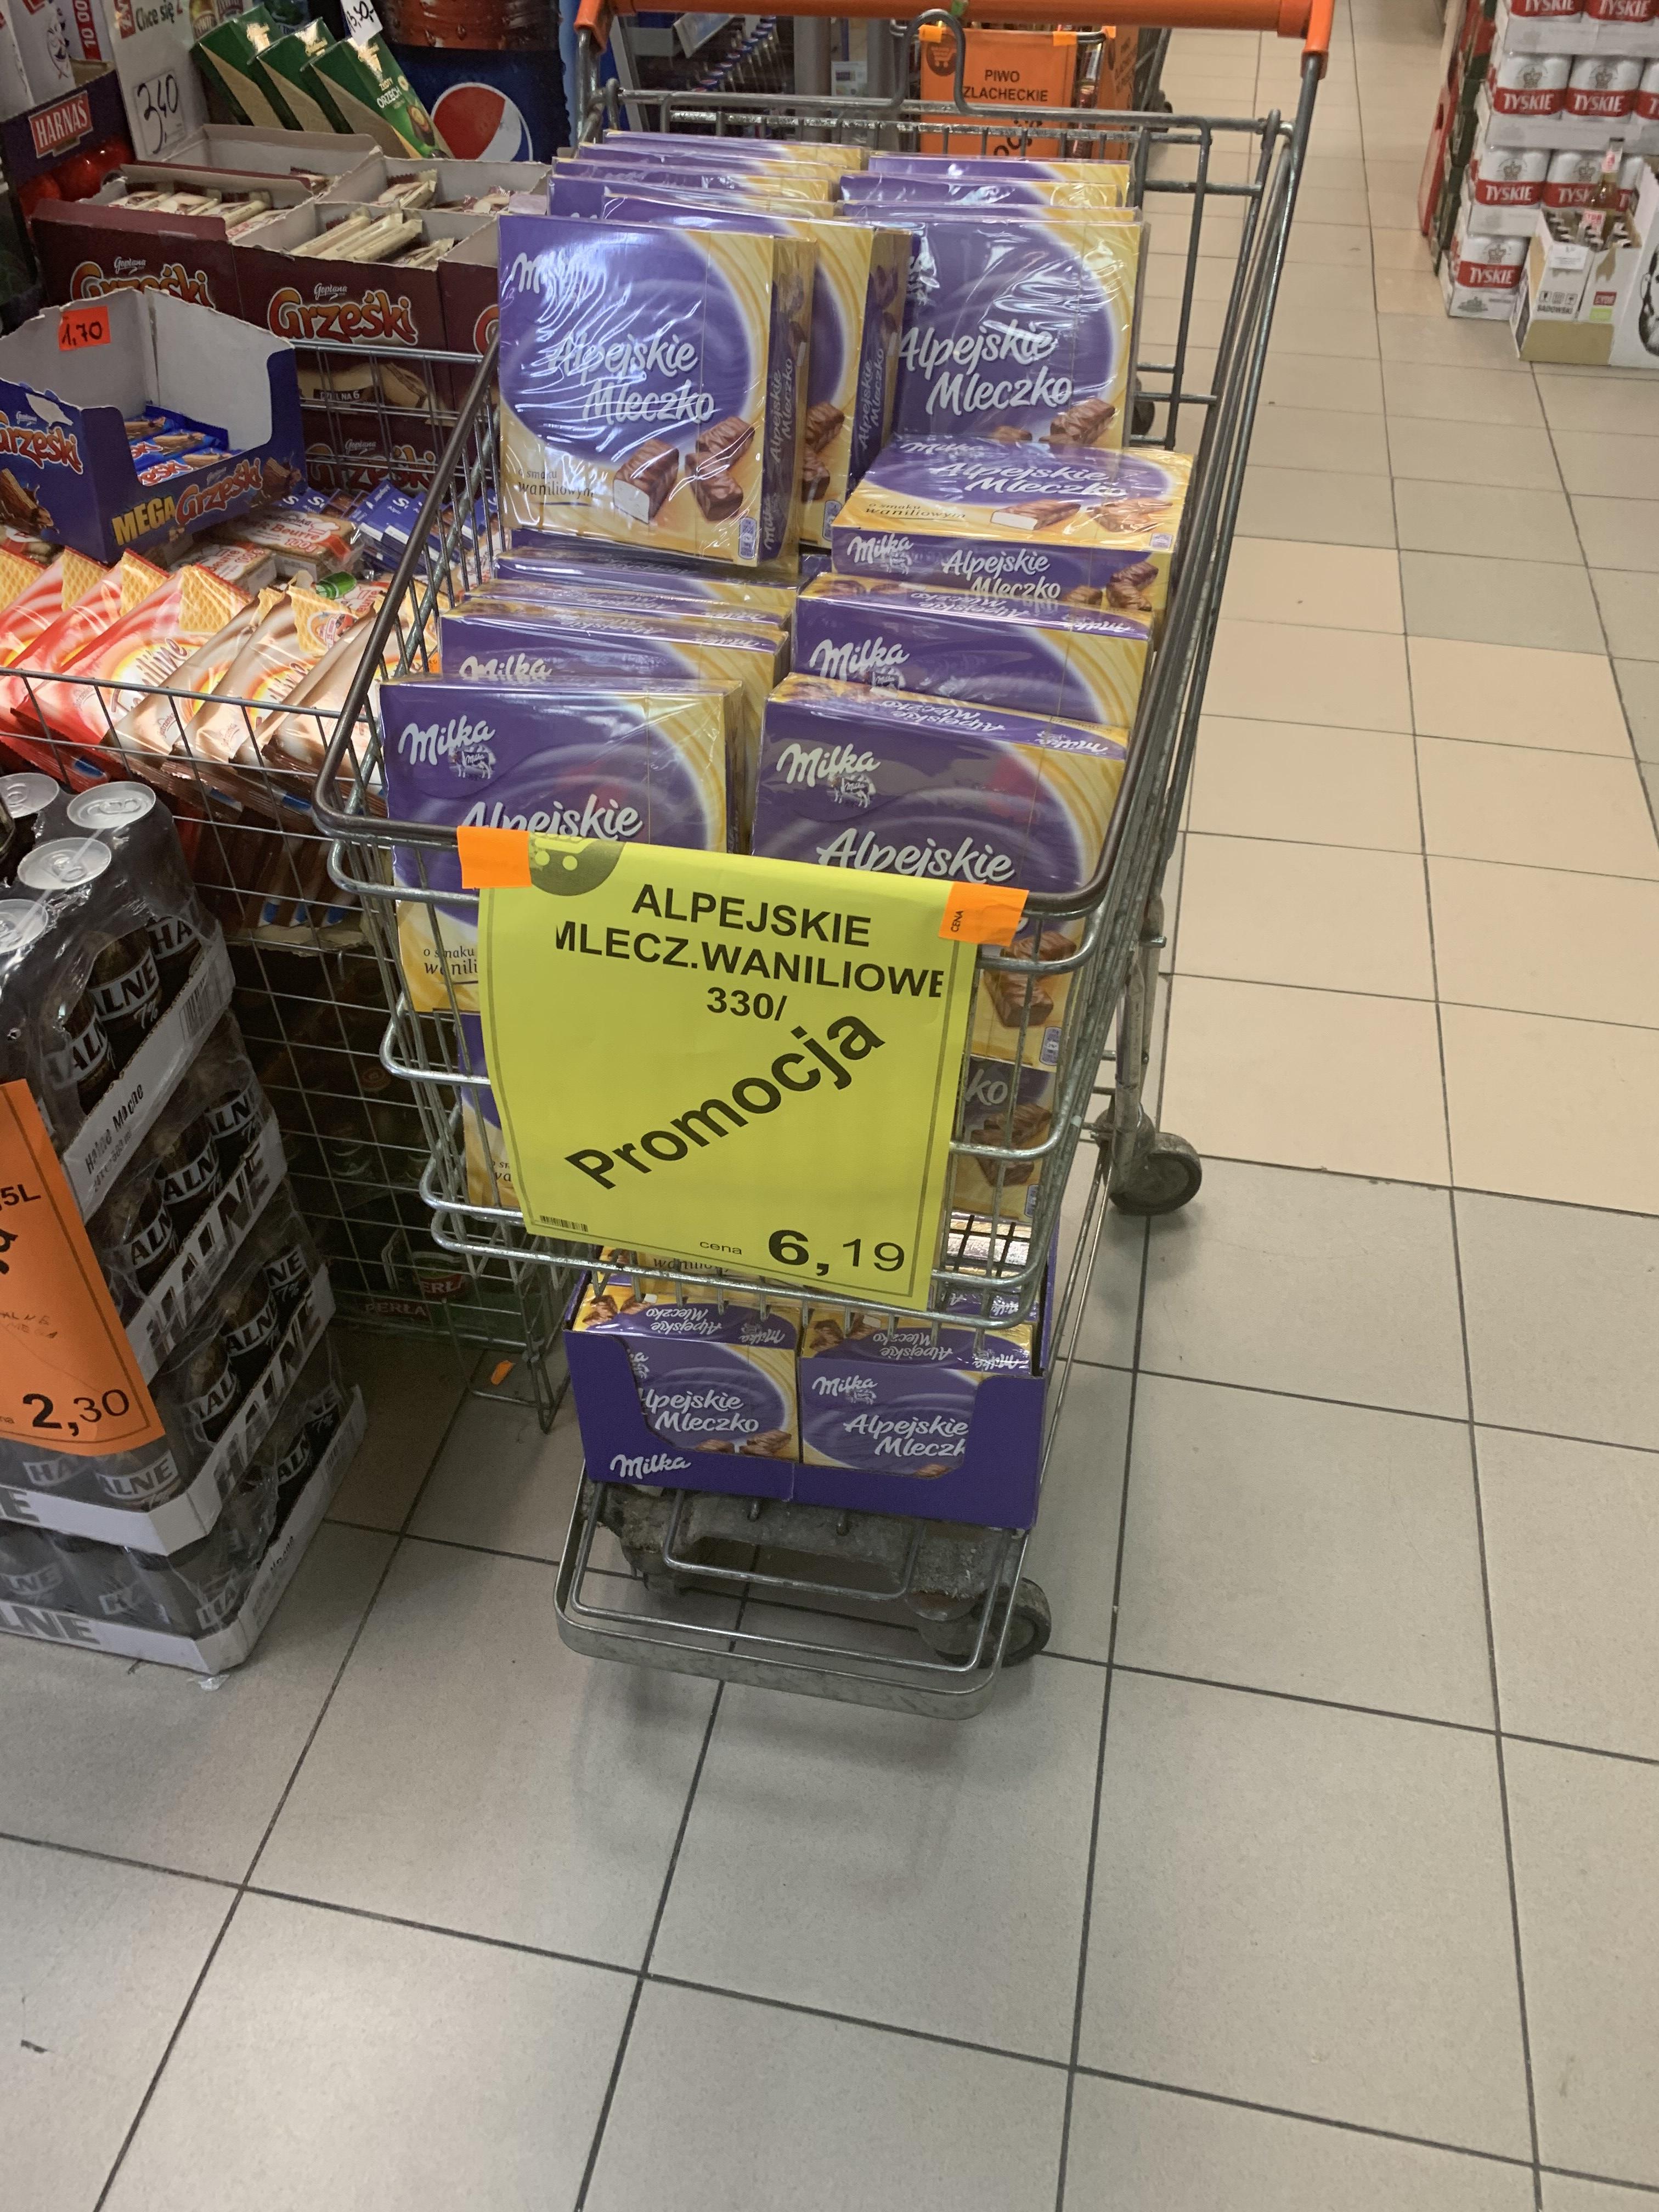 Alpejskie Mleczko waniliowe - Groszek